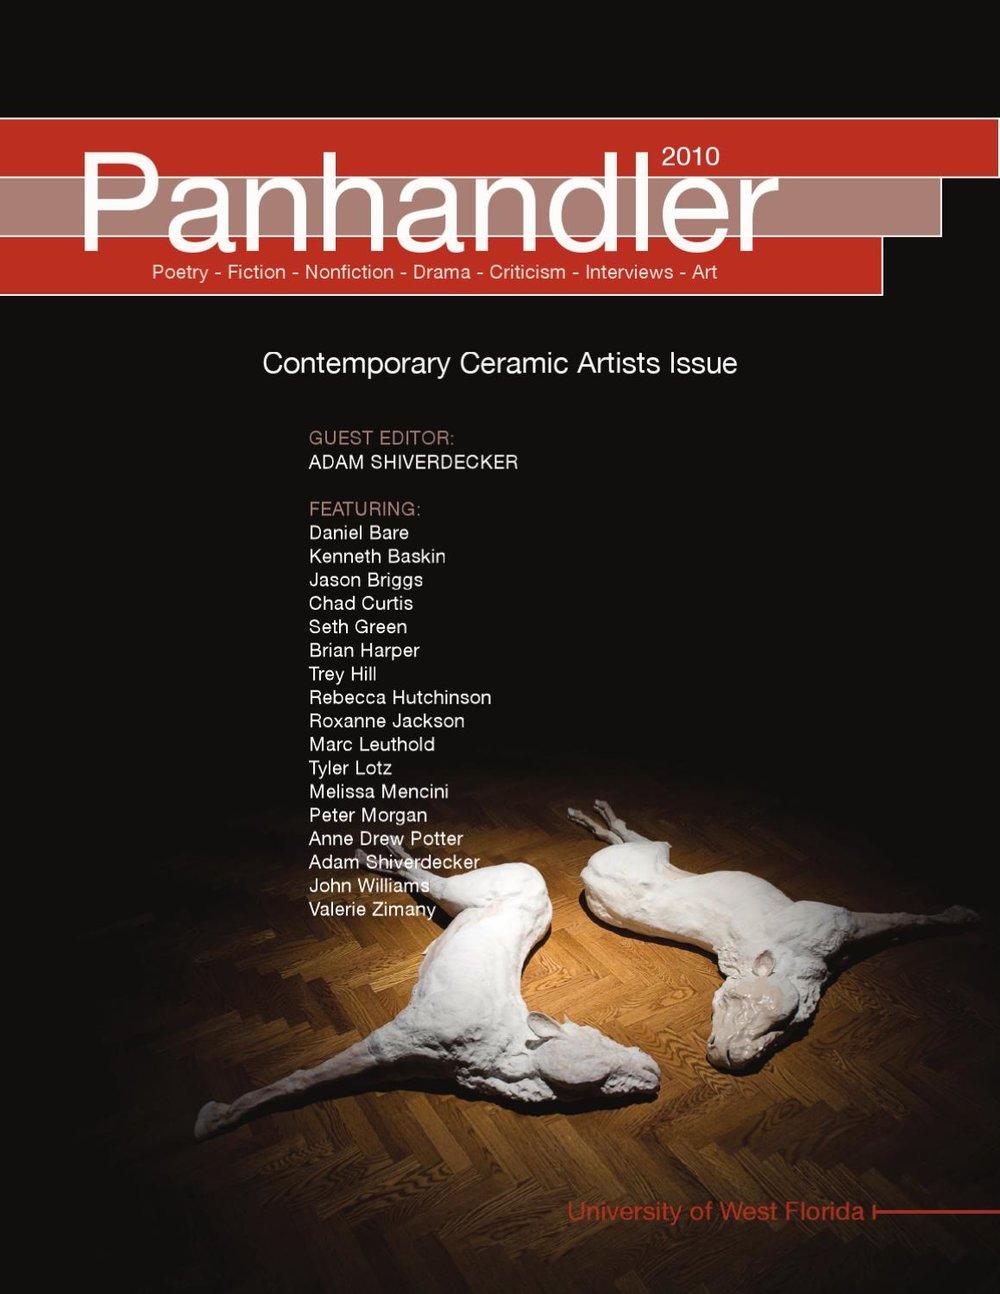 ©Panhandler